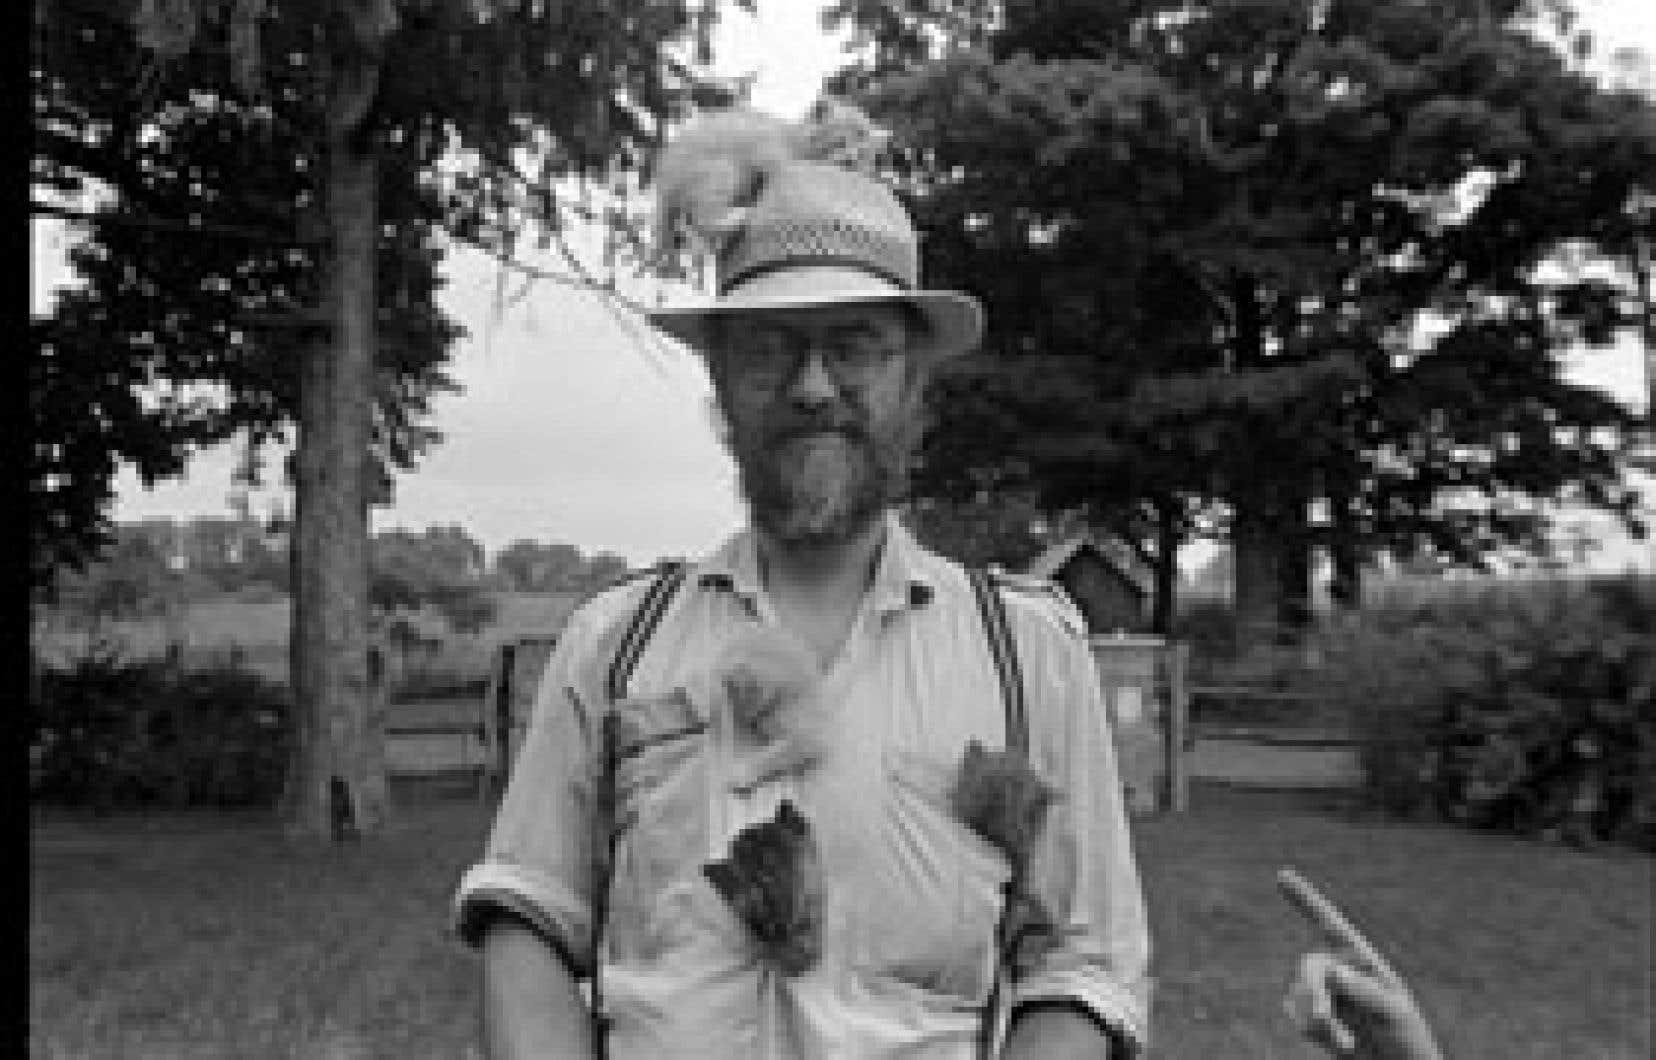 Le photographe Larry Towell dans sa ferme, des chatons installés sur lui. L'un d'eux grimpe sur son chapeau. La main d'un de ses enfants le montre du doigt. Photo: Larry Towell gracieuseté de Magnum Photo